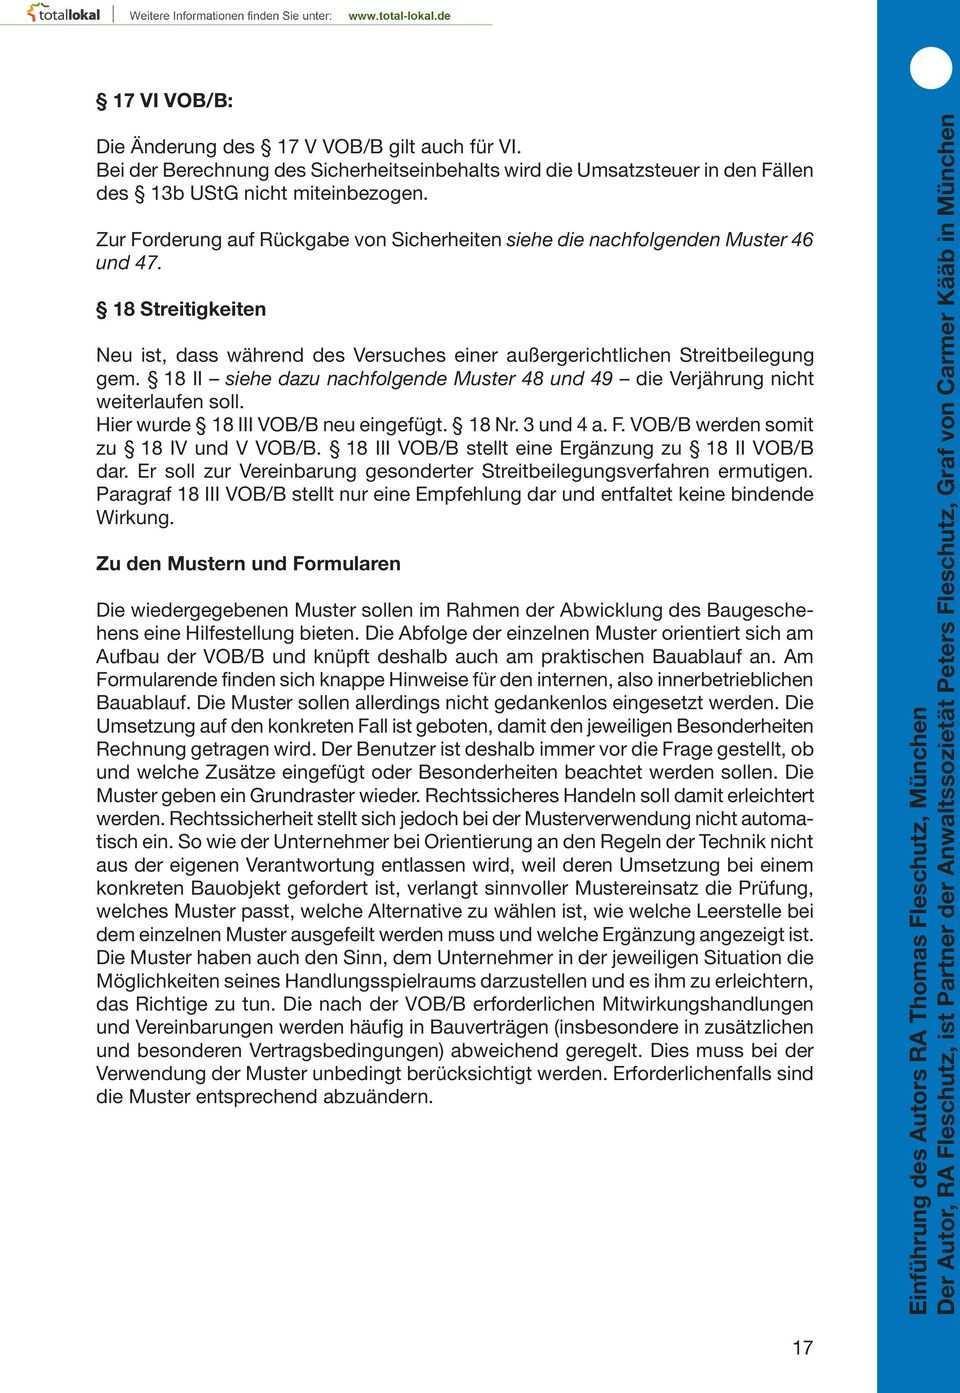 Mustersammlung Vob B Kreishandwerkerschaft Monchengladbach Pdf Kostenfreier Download